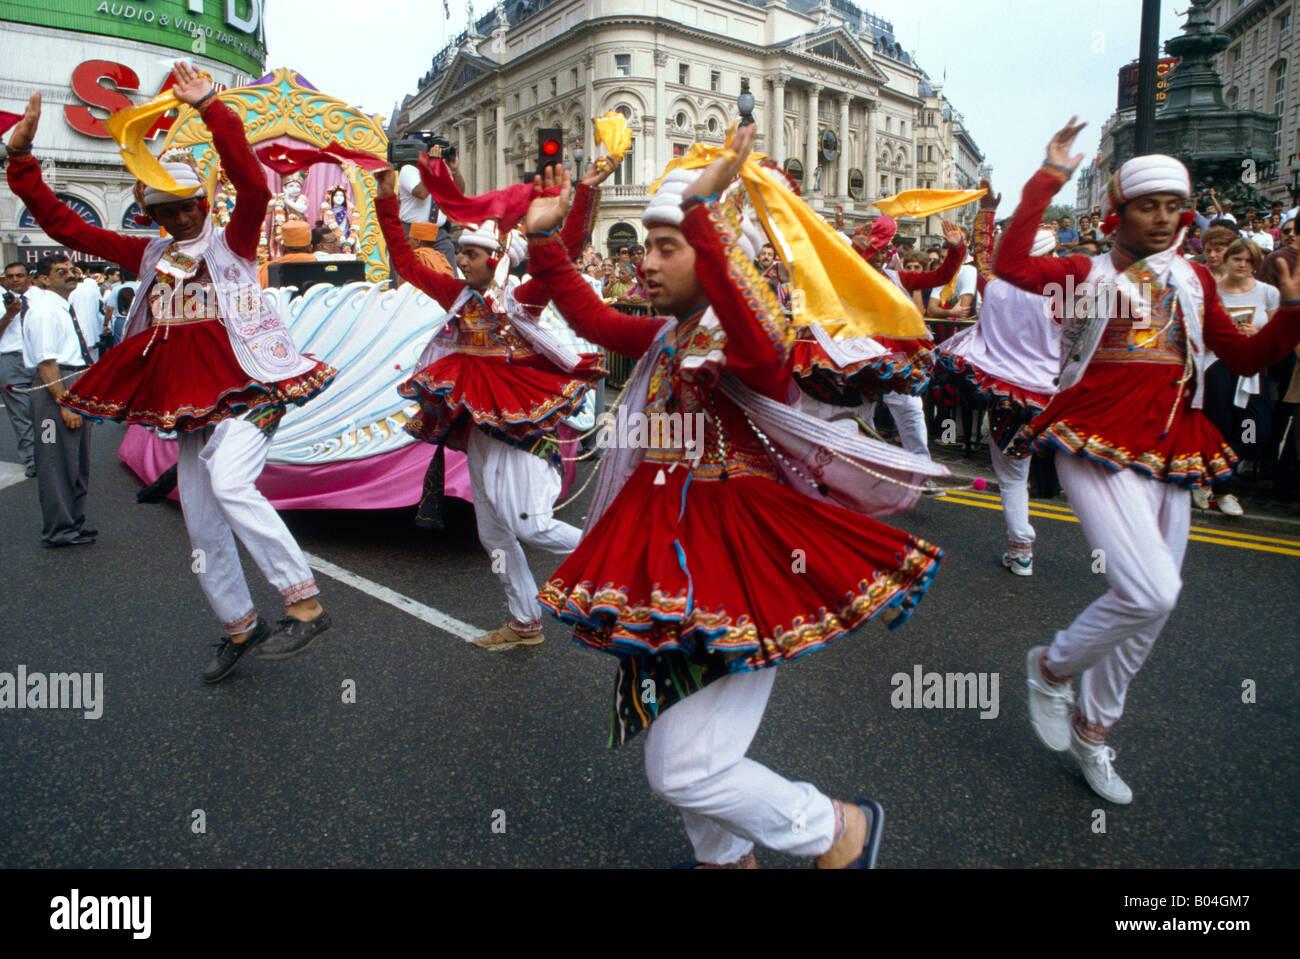 Sfilata indù Londra la gente ballare Immagini Stock